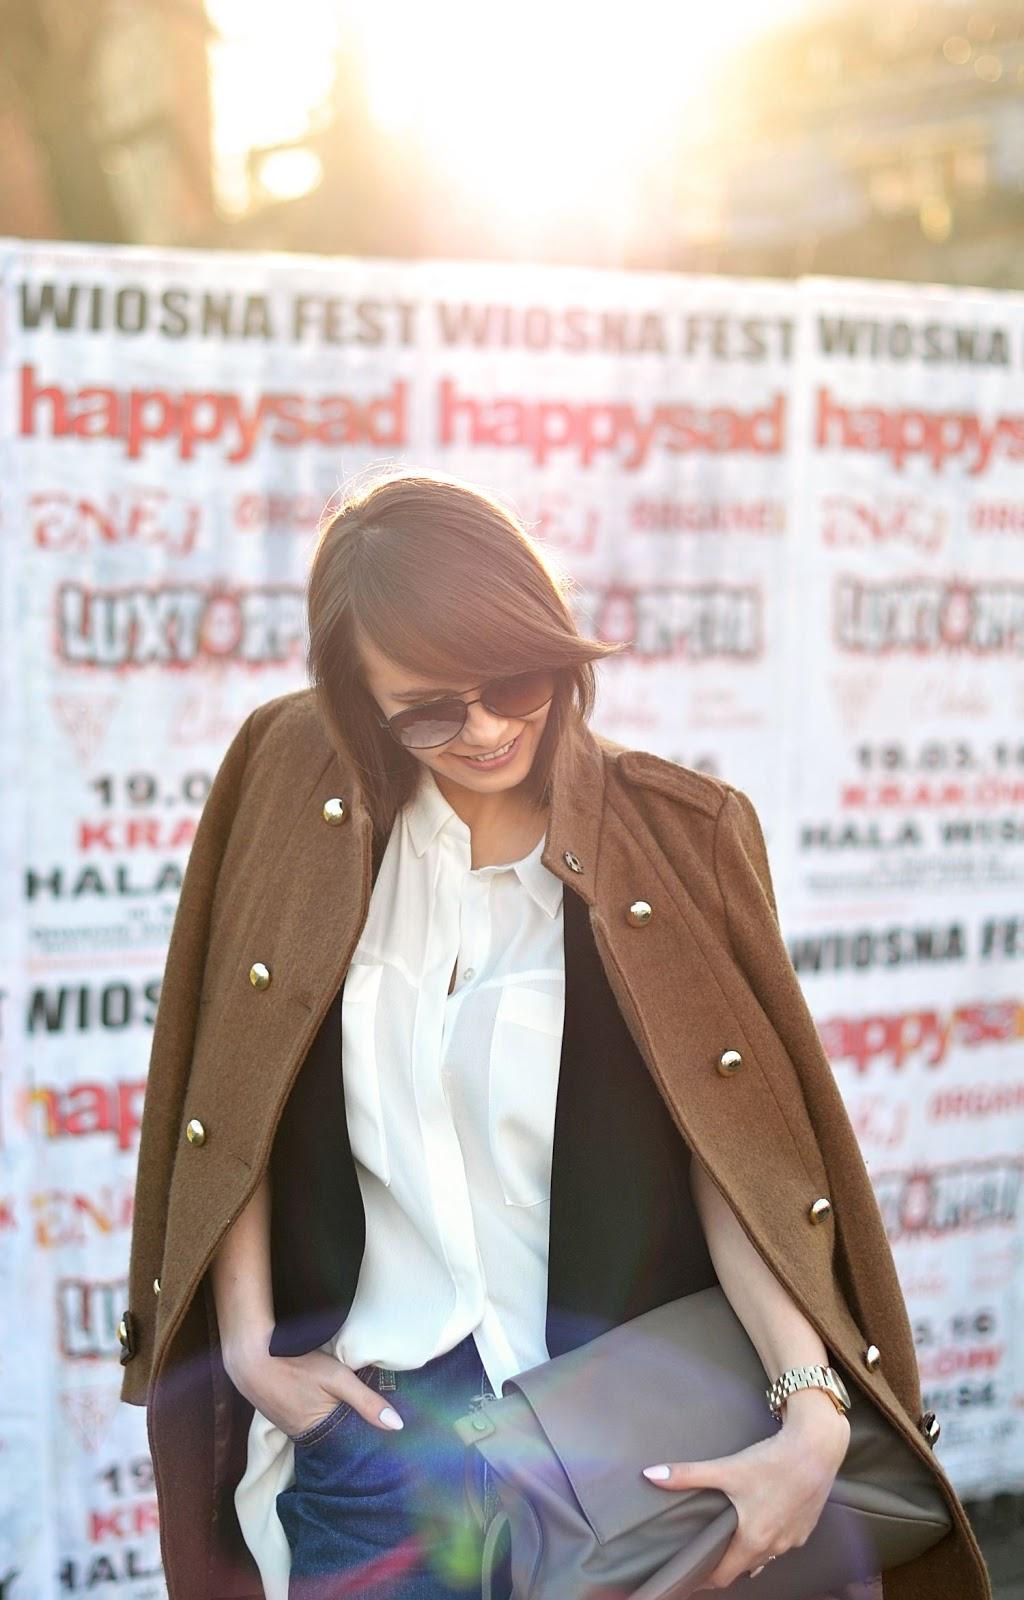 blogi o modzie | blog moda | psychologia | jak sie ubrac na co dzien | pomysly na stylizacje